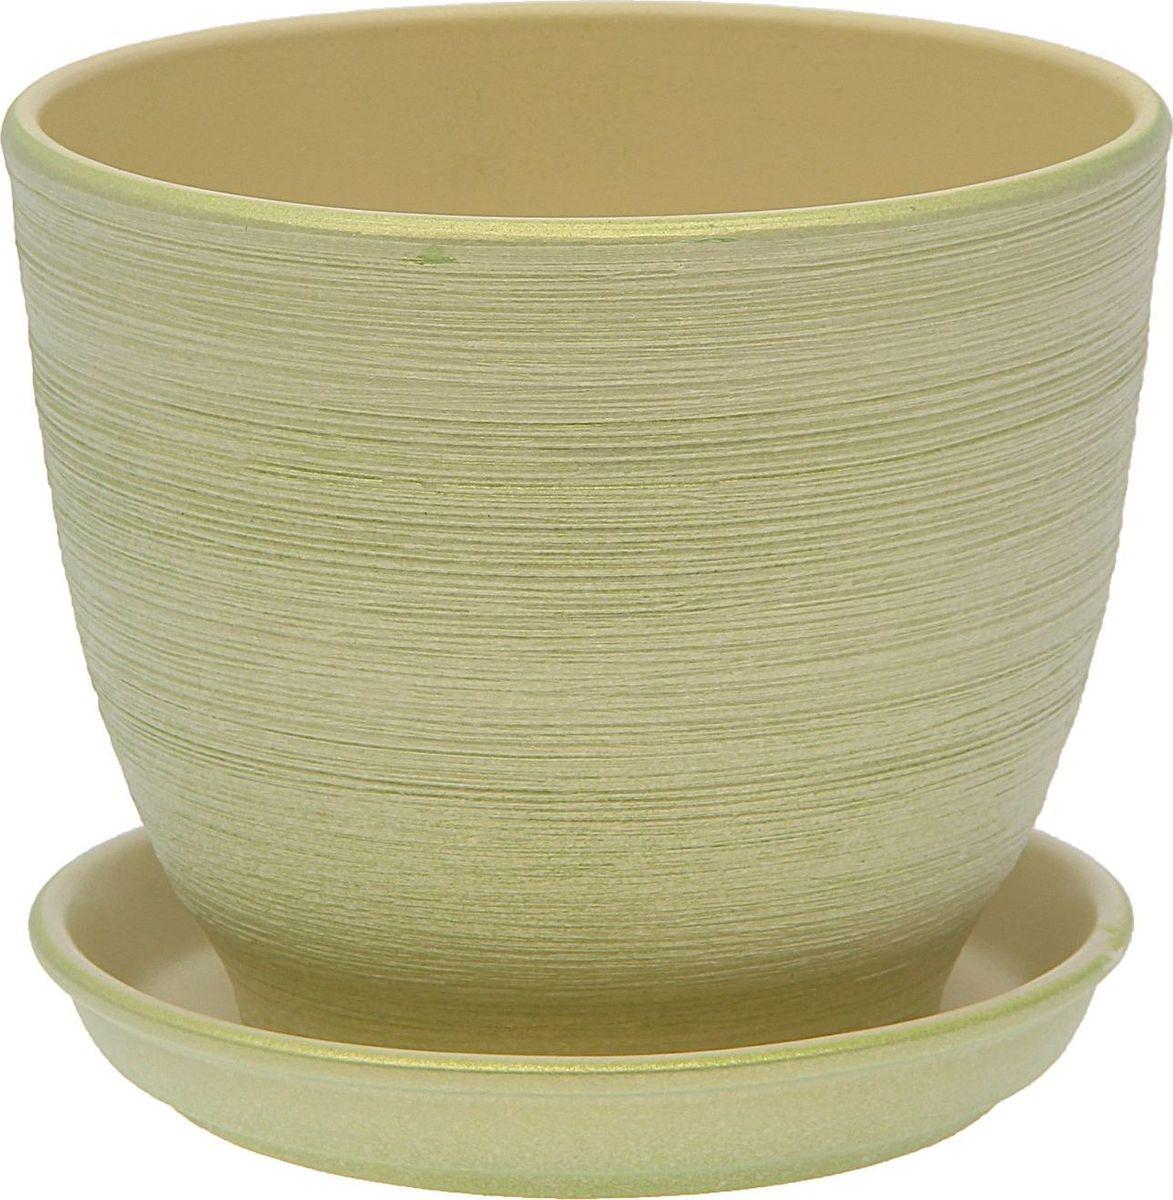 Горшок для цветов Керамика ручной работы Кедр, цвет: салатовый, 2,5 л1873506Комнатные растения - всеобщие любимцы. Они радуют глаз, насыщают помещение кислородом и украшают пространство. Каждому из них необходим свой удобный и красивый дом.Горшок из керамики прекрасно подходит для высадки растений:за счёт пластичности глины и разных способов обработки существует великое множество форм и дизайнов; пористый материал позволяет испаряться лишней влаге; воздух, необходимый для дыхания корней, проникает сквозь керамические стенки.Горшок для цветов освежит интерьер и подчеркнёт его стиль.